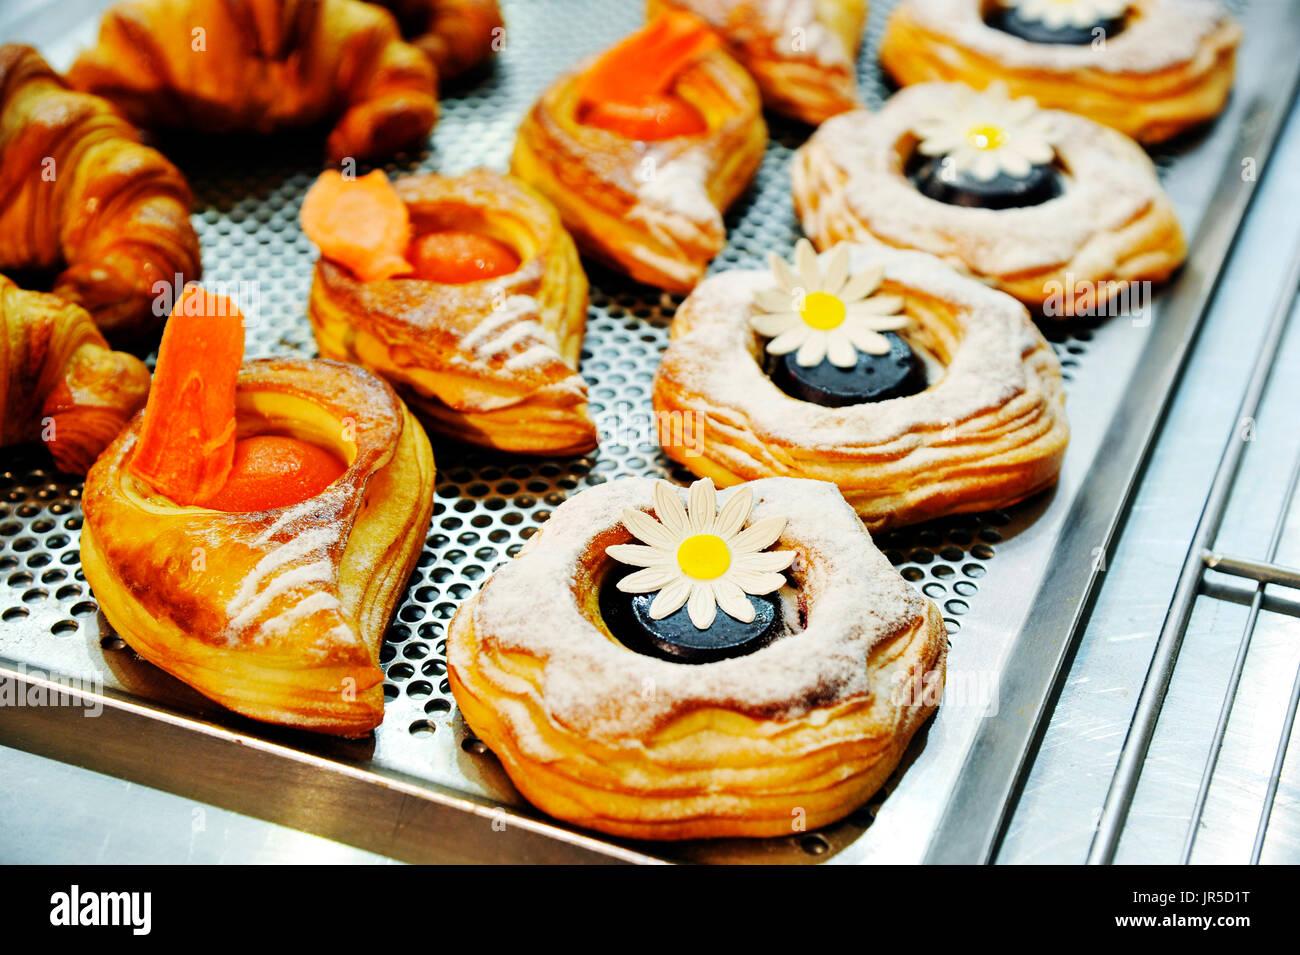 Pastelería francesa en Europain 2016, Villepinte, Francia Imagen De Stock